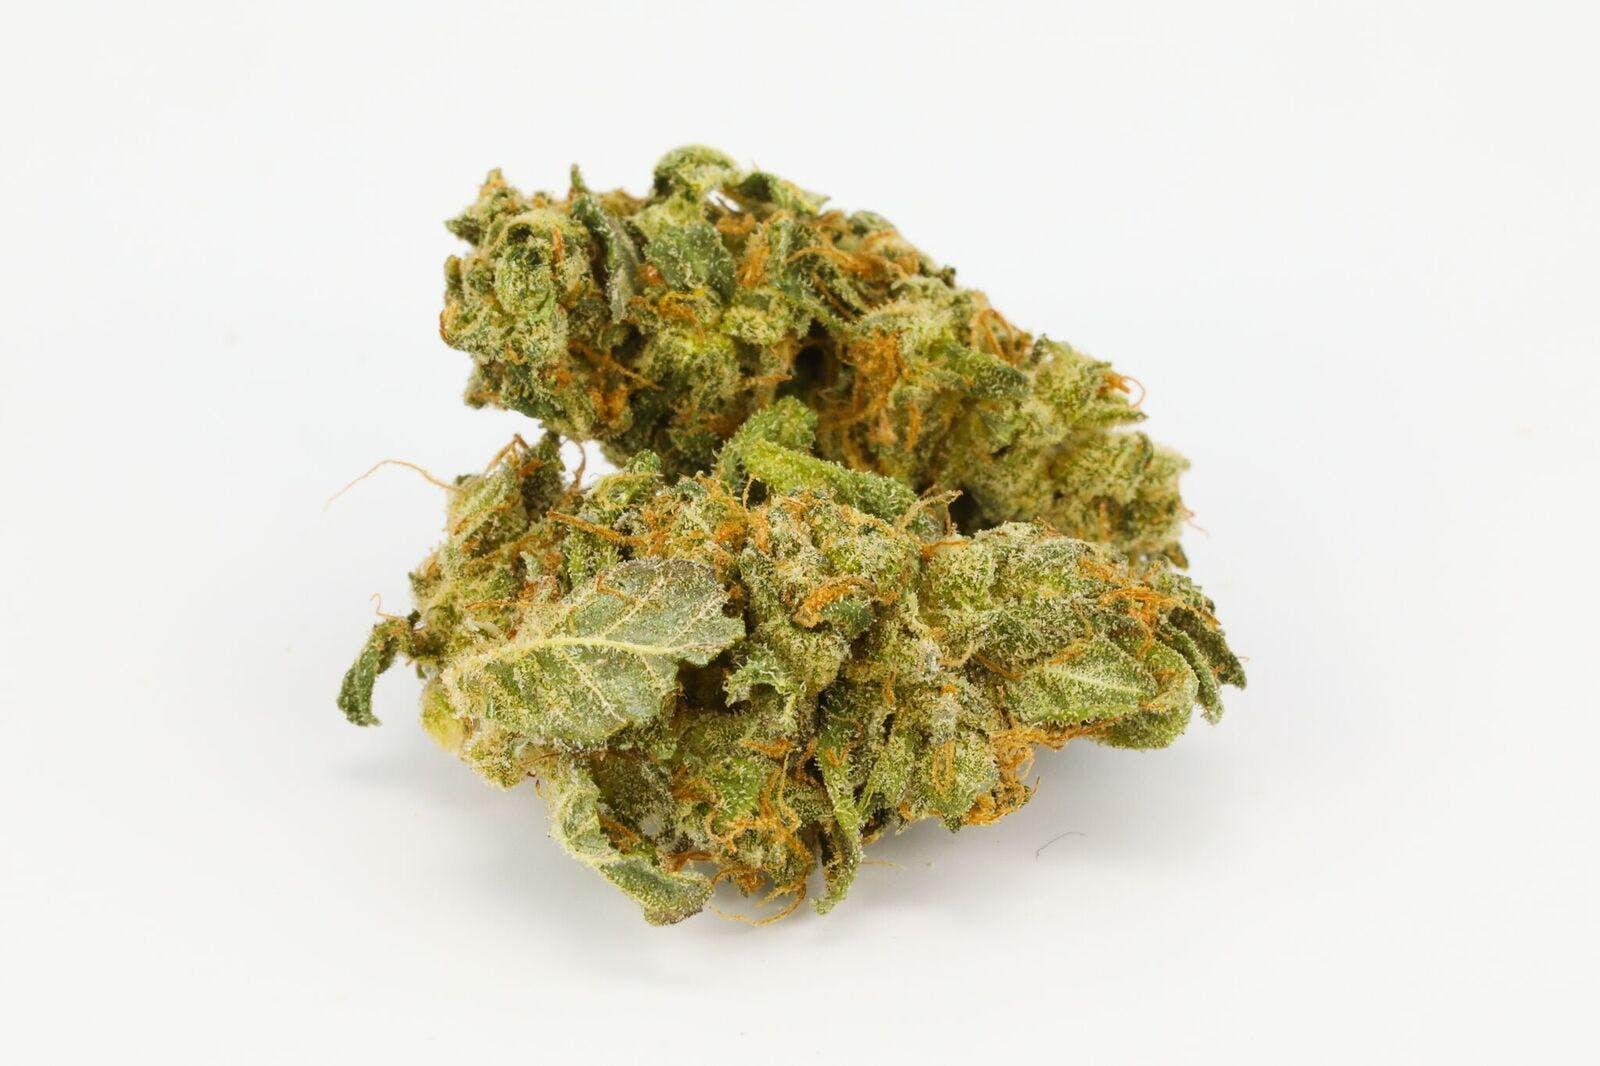 Pink Kush Weed; Pink Kush Cannabis Strain; Pink Kush Hybrid Marijuana Strain